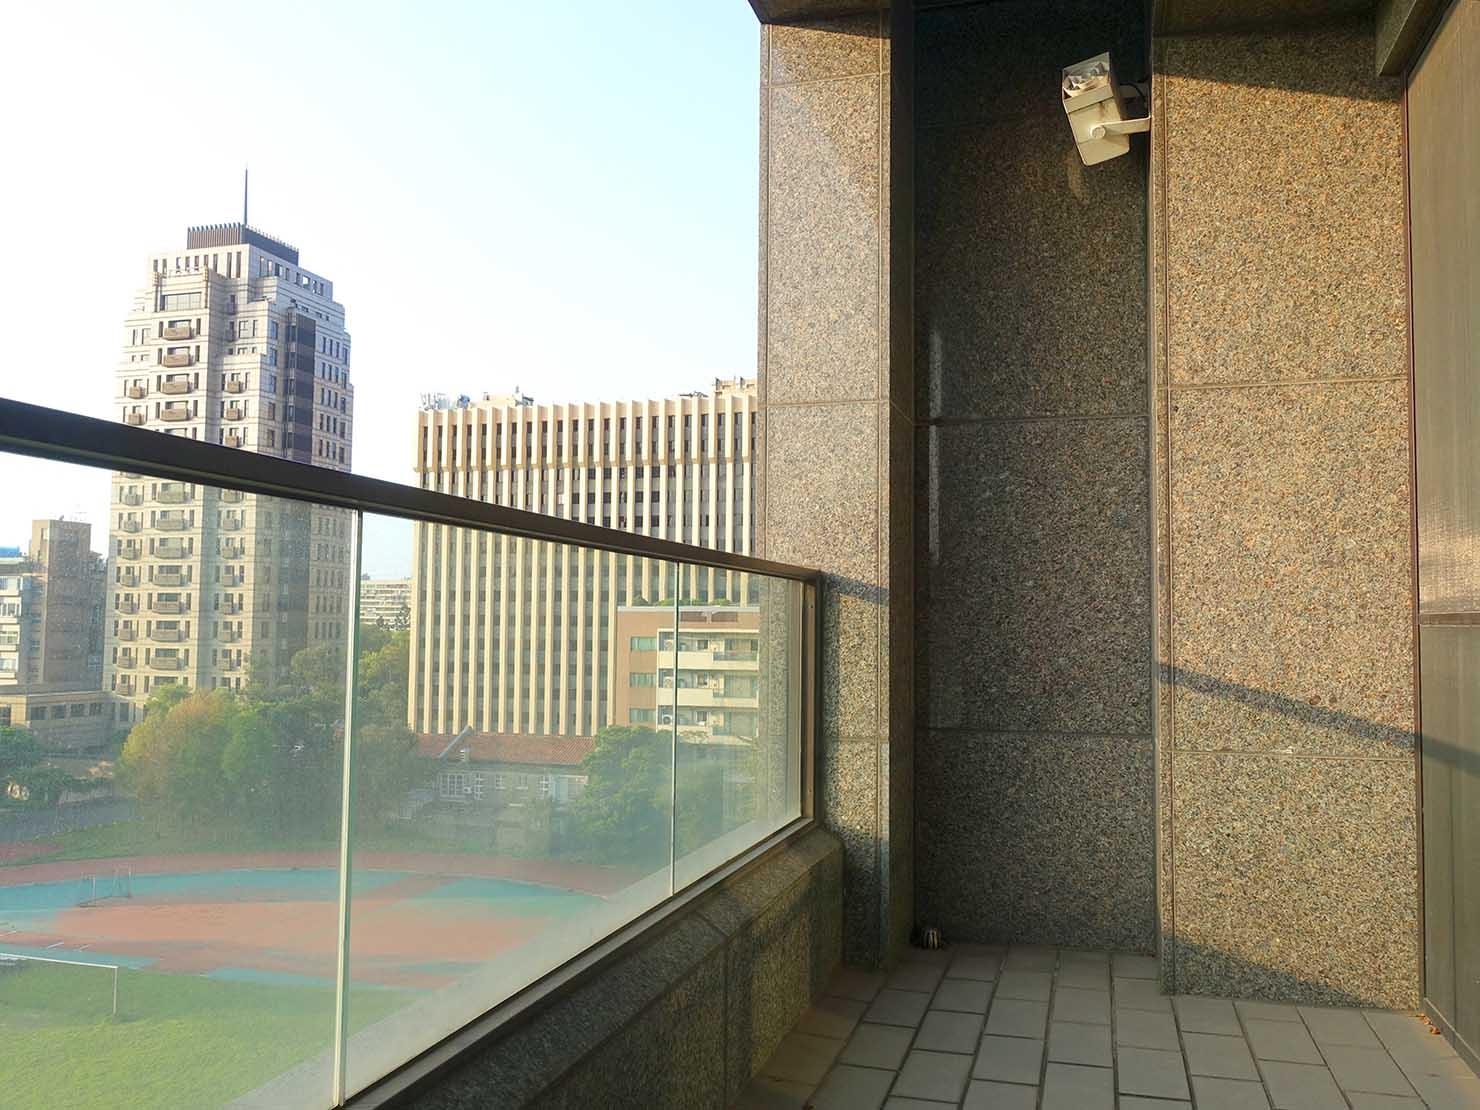 台北・大安の最高におしゃれなブティックホテル「chez nous 司旅」經典房(クラシックルーム)のベランダ